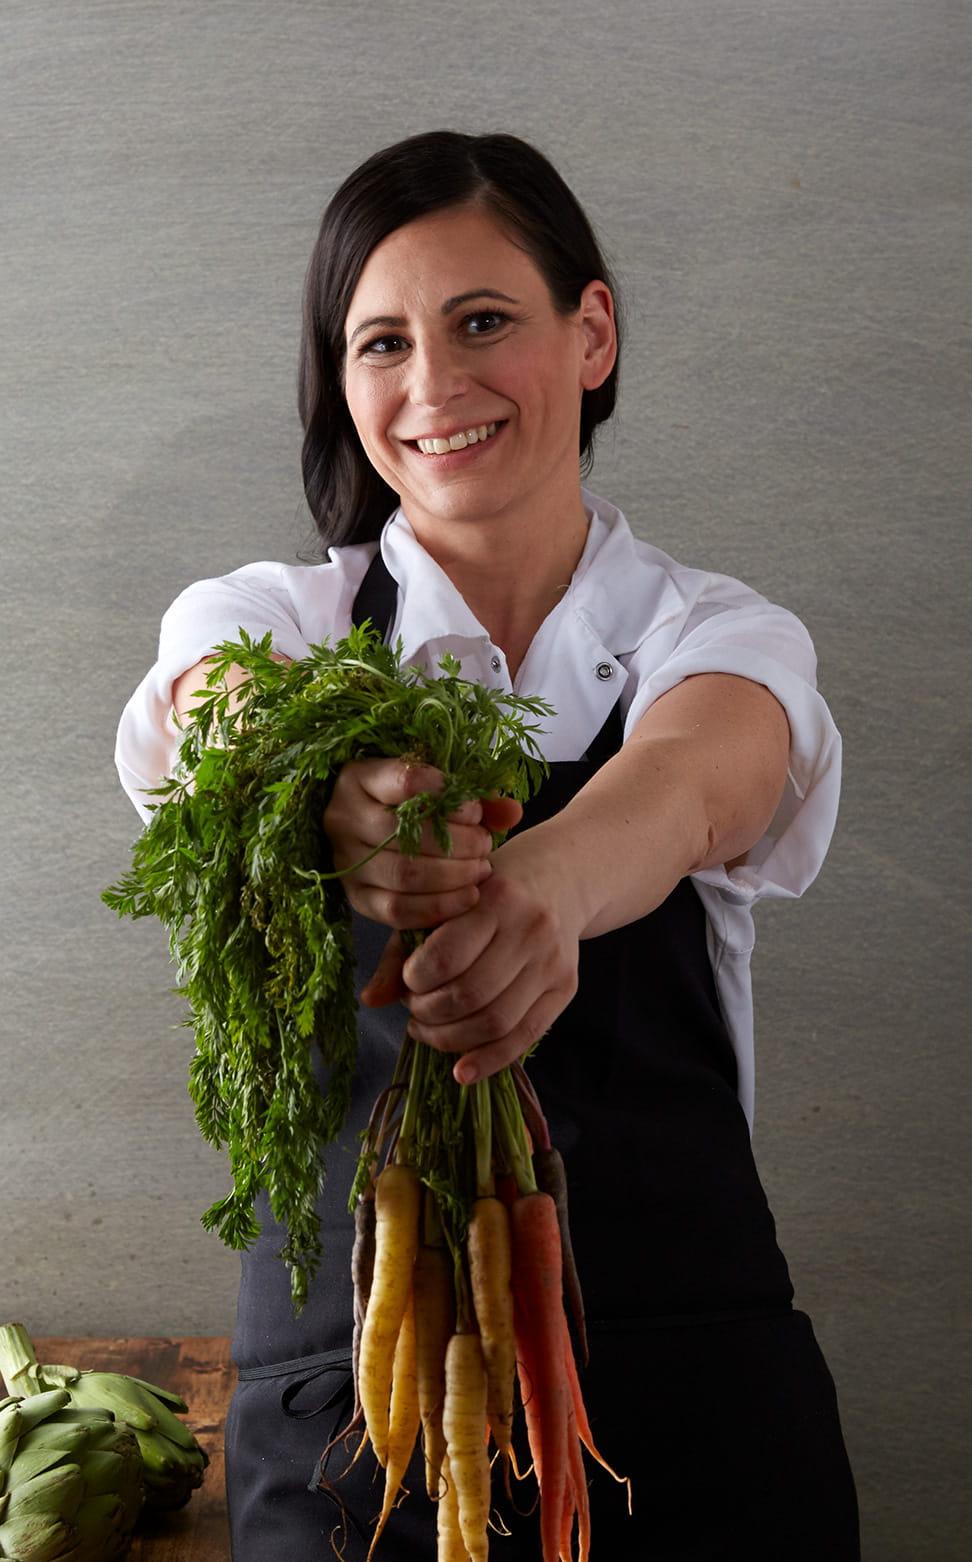 Chef Amanda Cohen